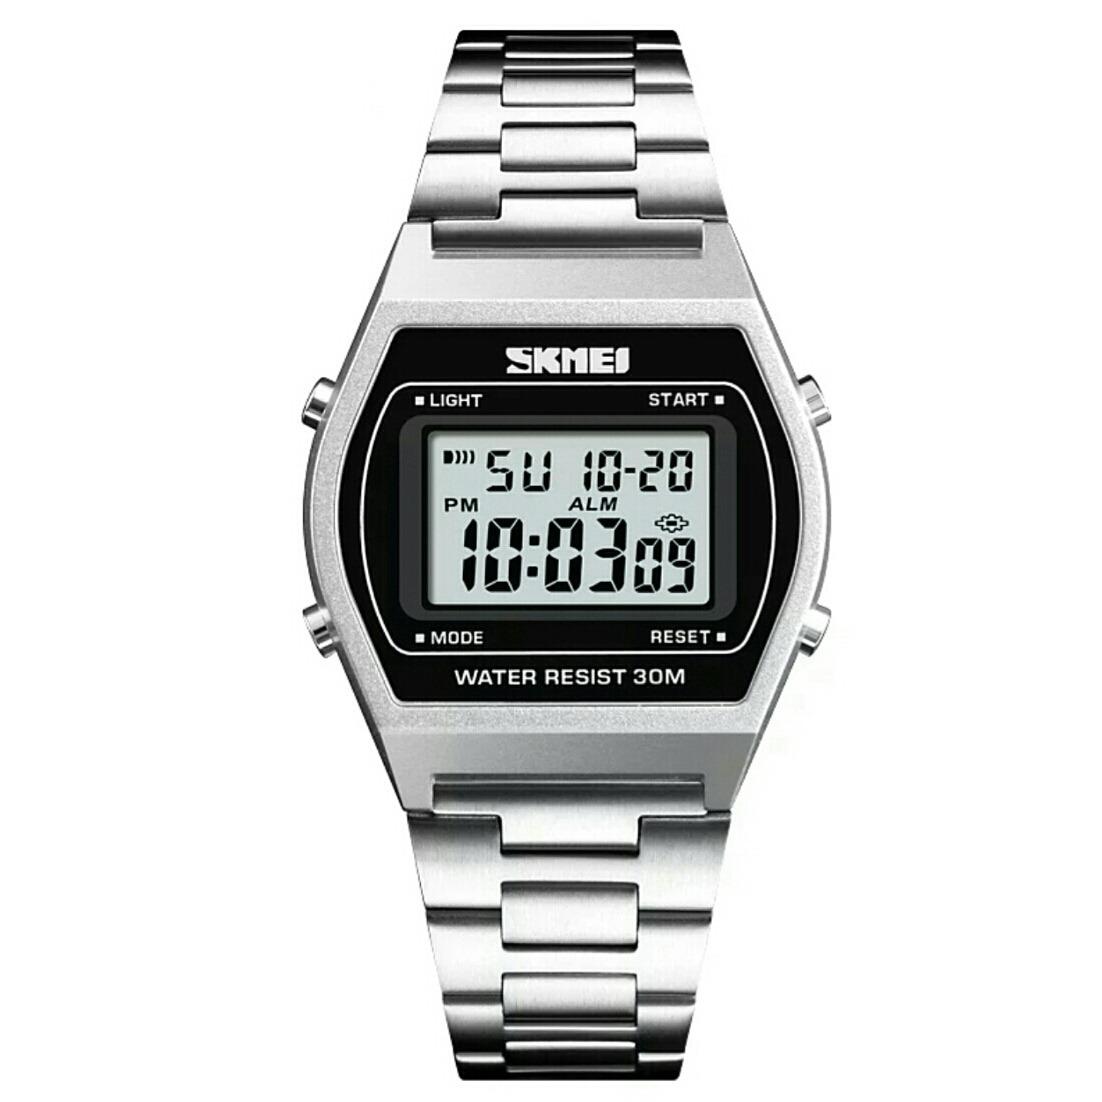 05e8e2dfe62 relógio masculino skmei 1328 esportivo digital c alarme. Carregando zoom.